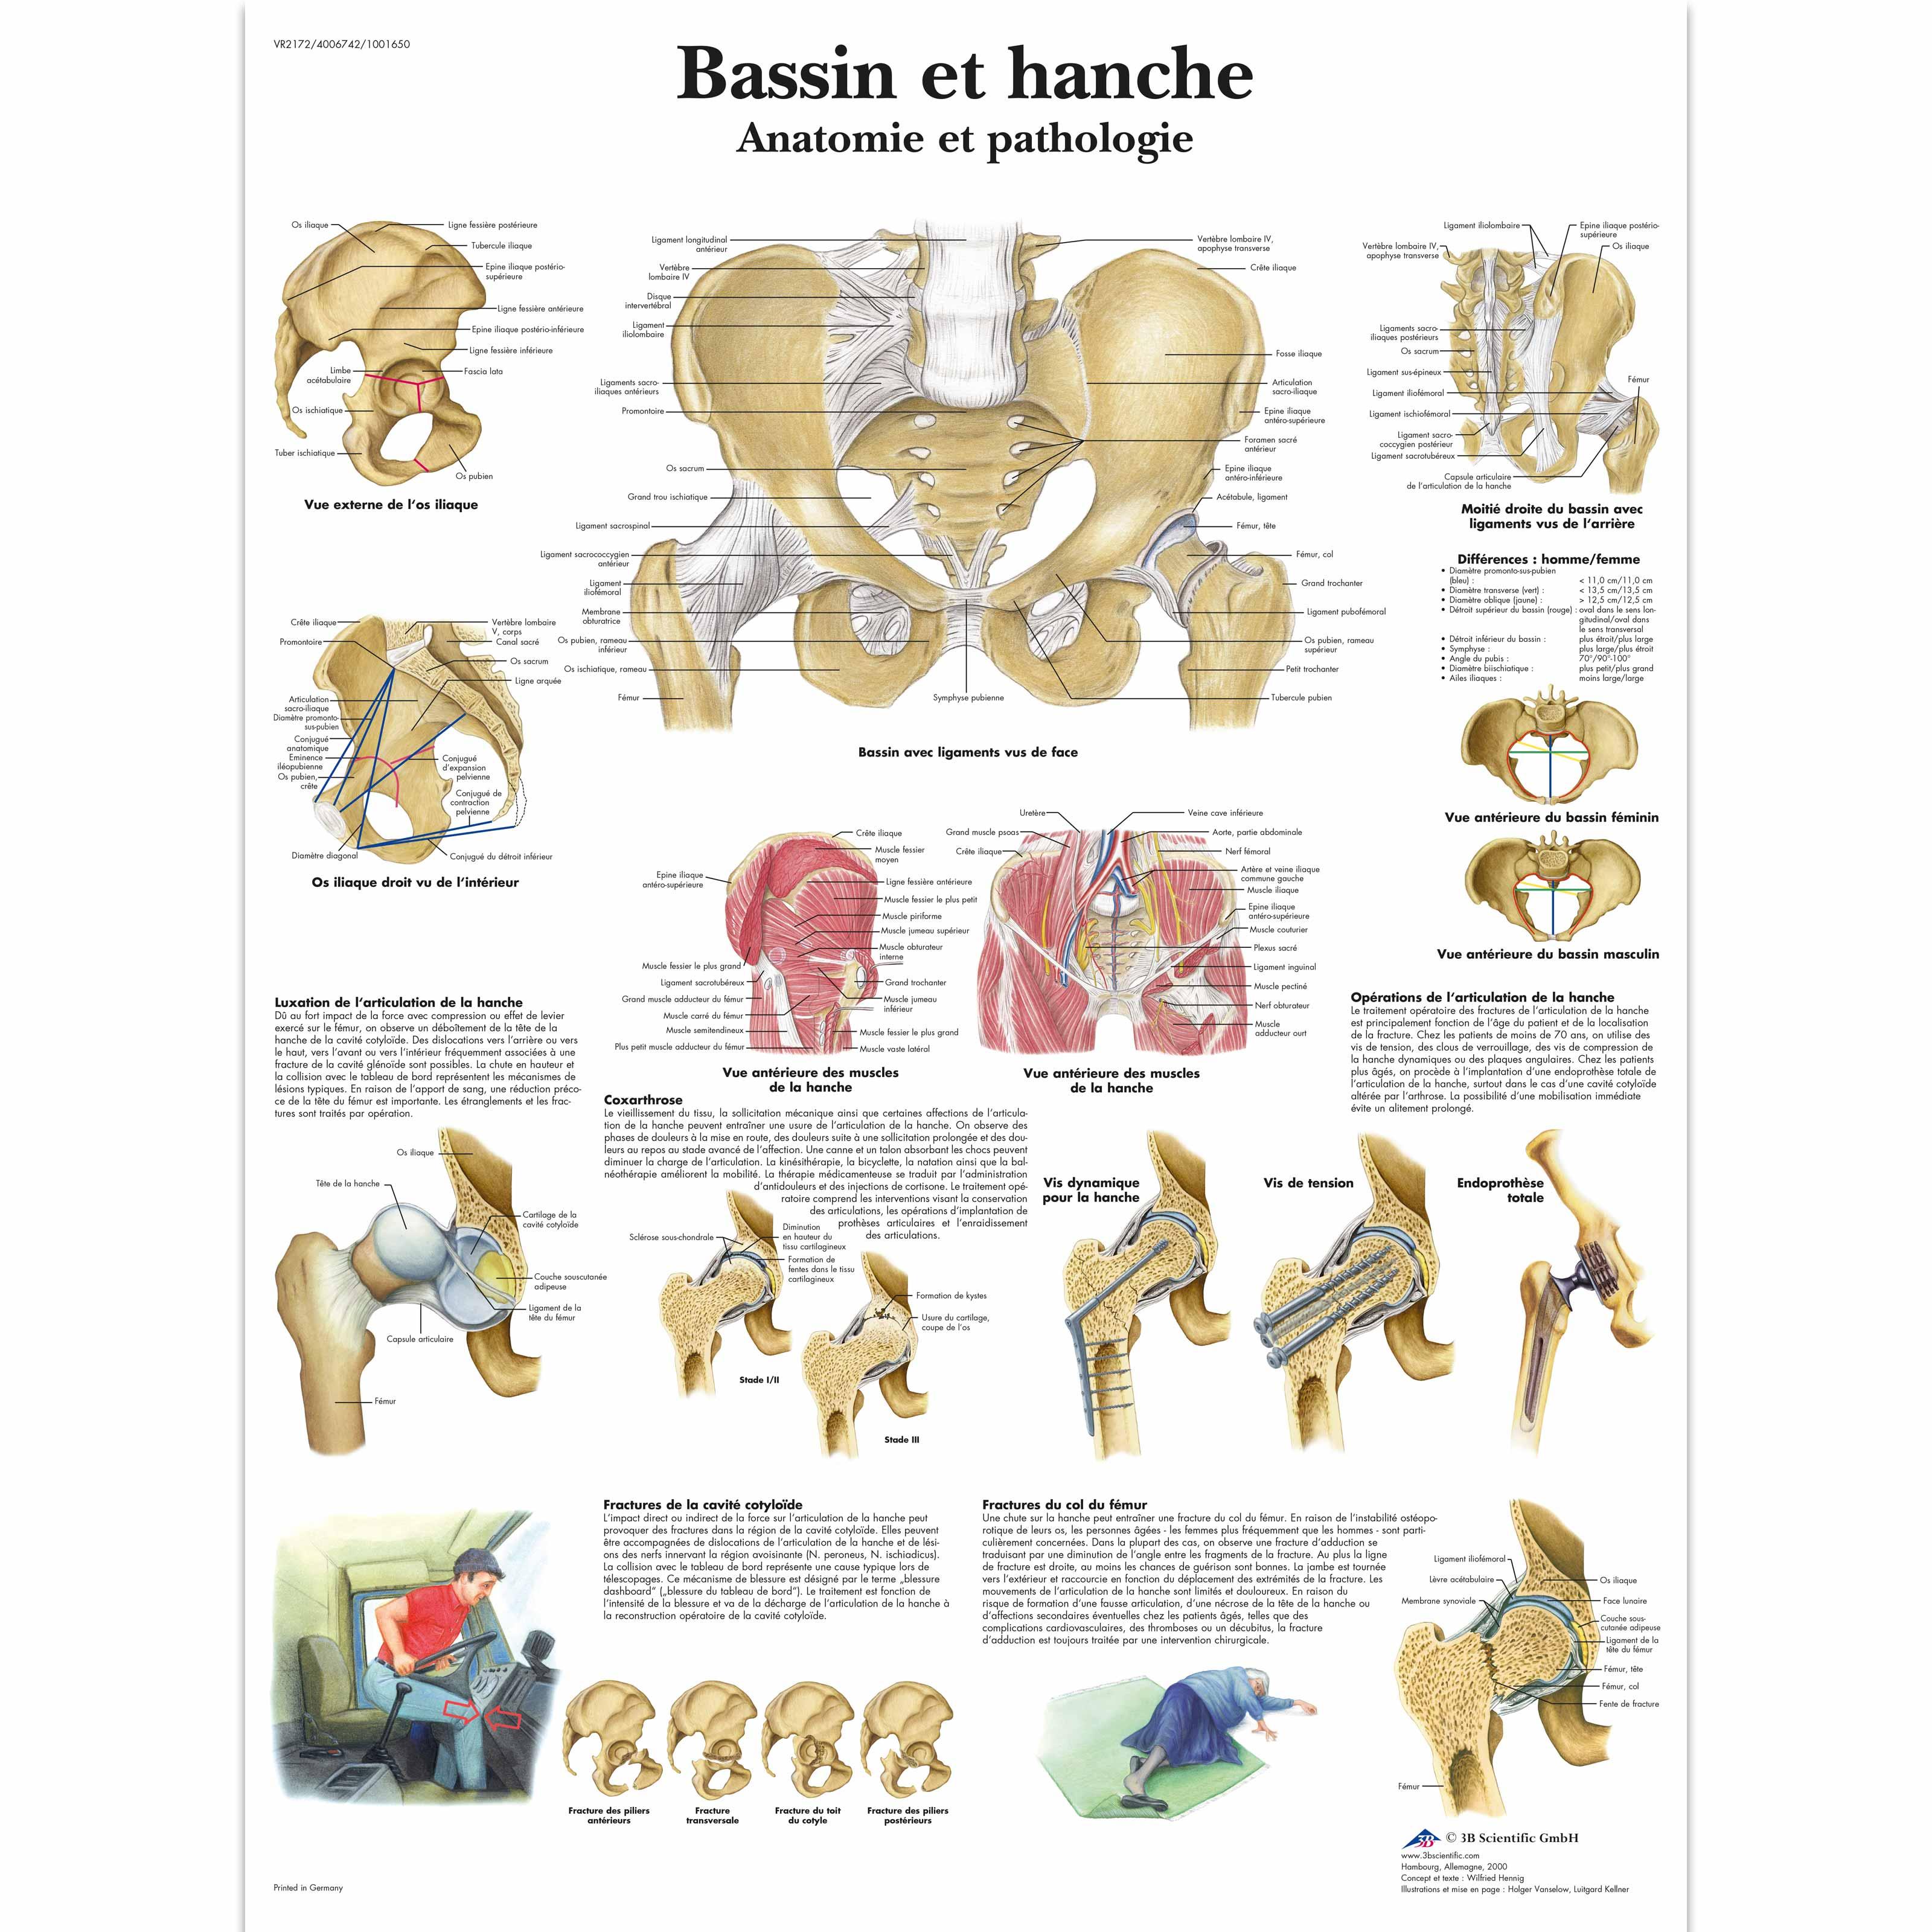 Bassin et hanche - Anatomie et pathologie - 1001650 - VR2172L ...